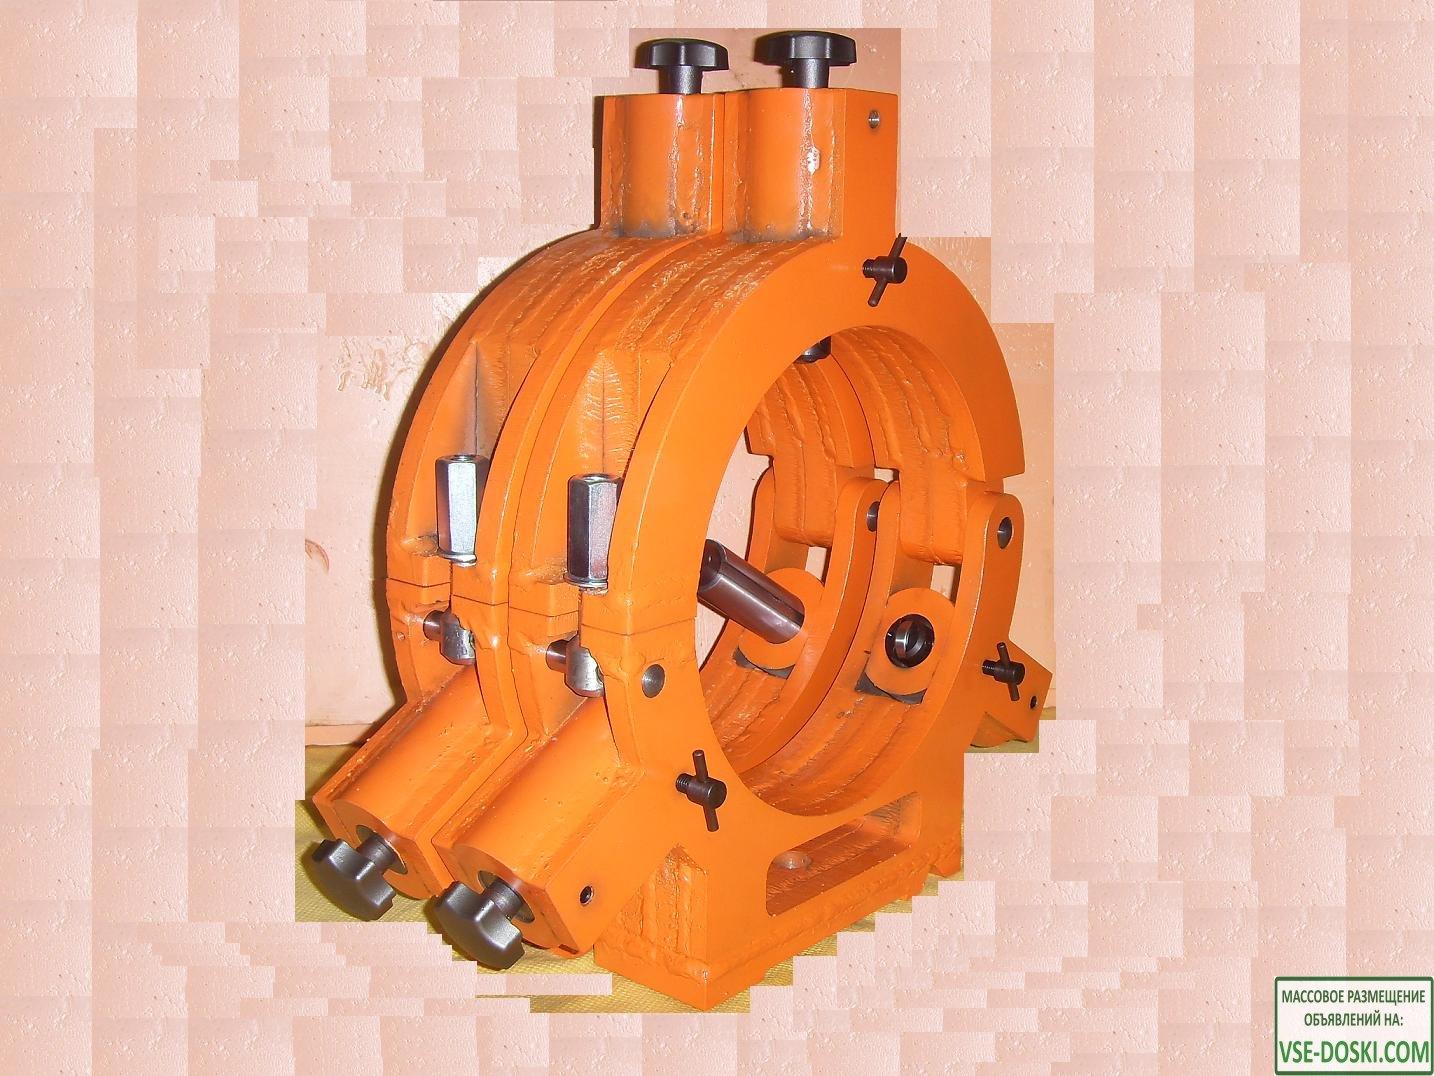 Люнет 16К25 неподвижный, 350 мм. цена производителя